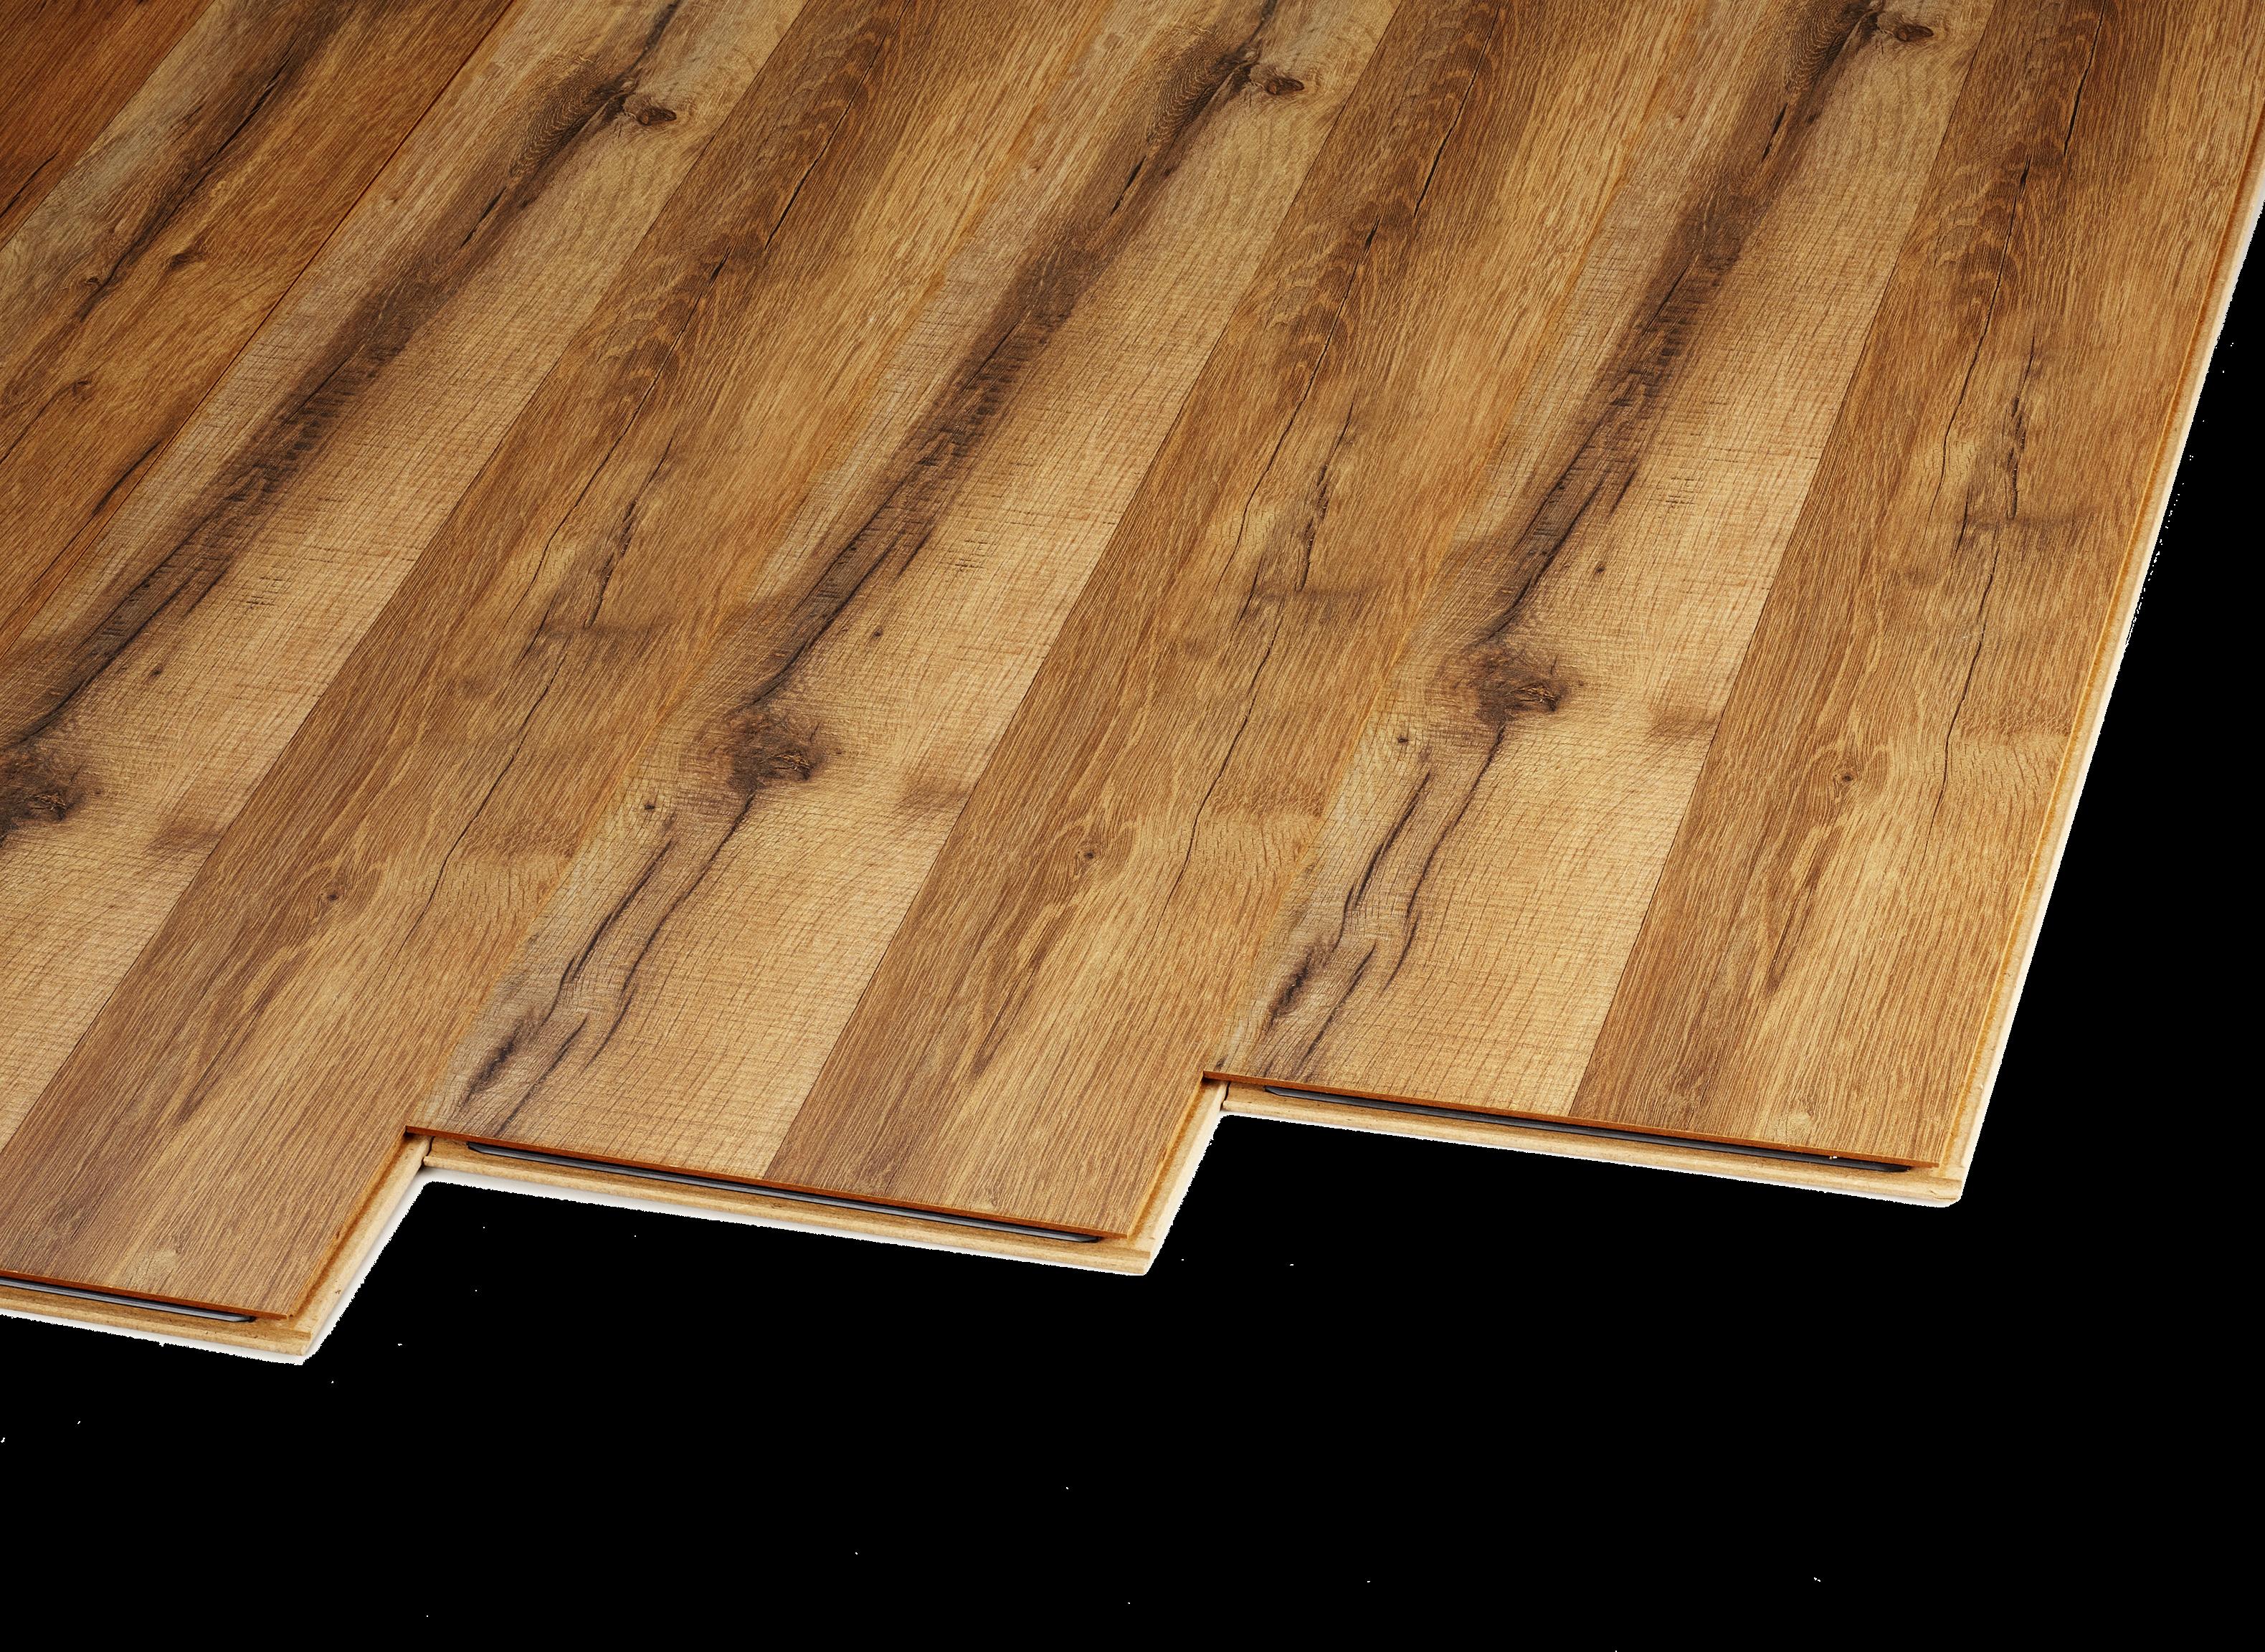 Tavern Oak 528976 Flooring, Tavern Oak Laminate Flooring Reviews